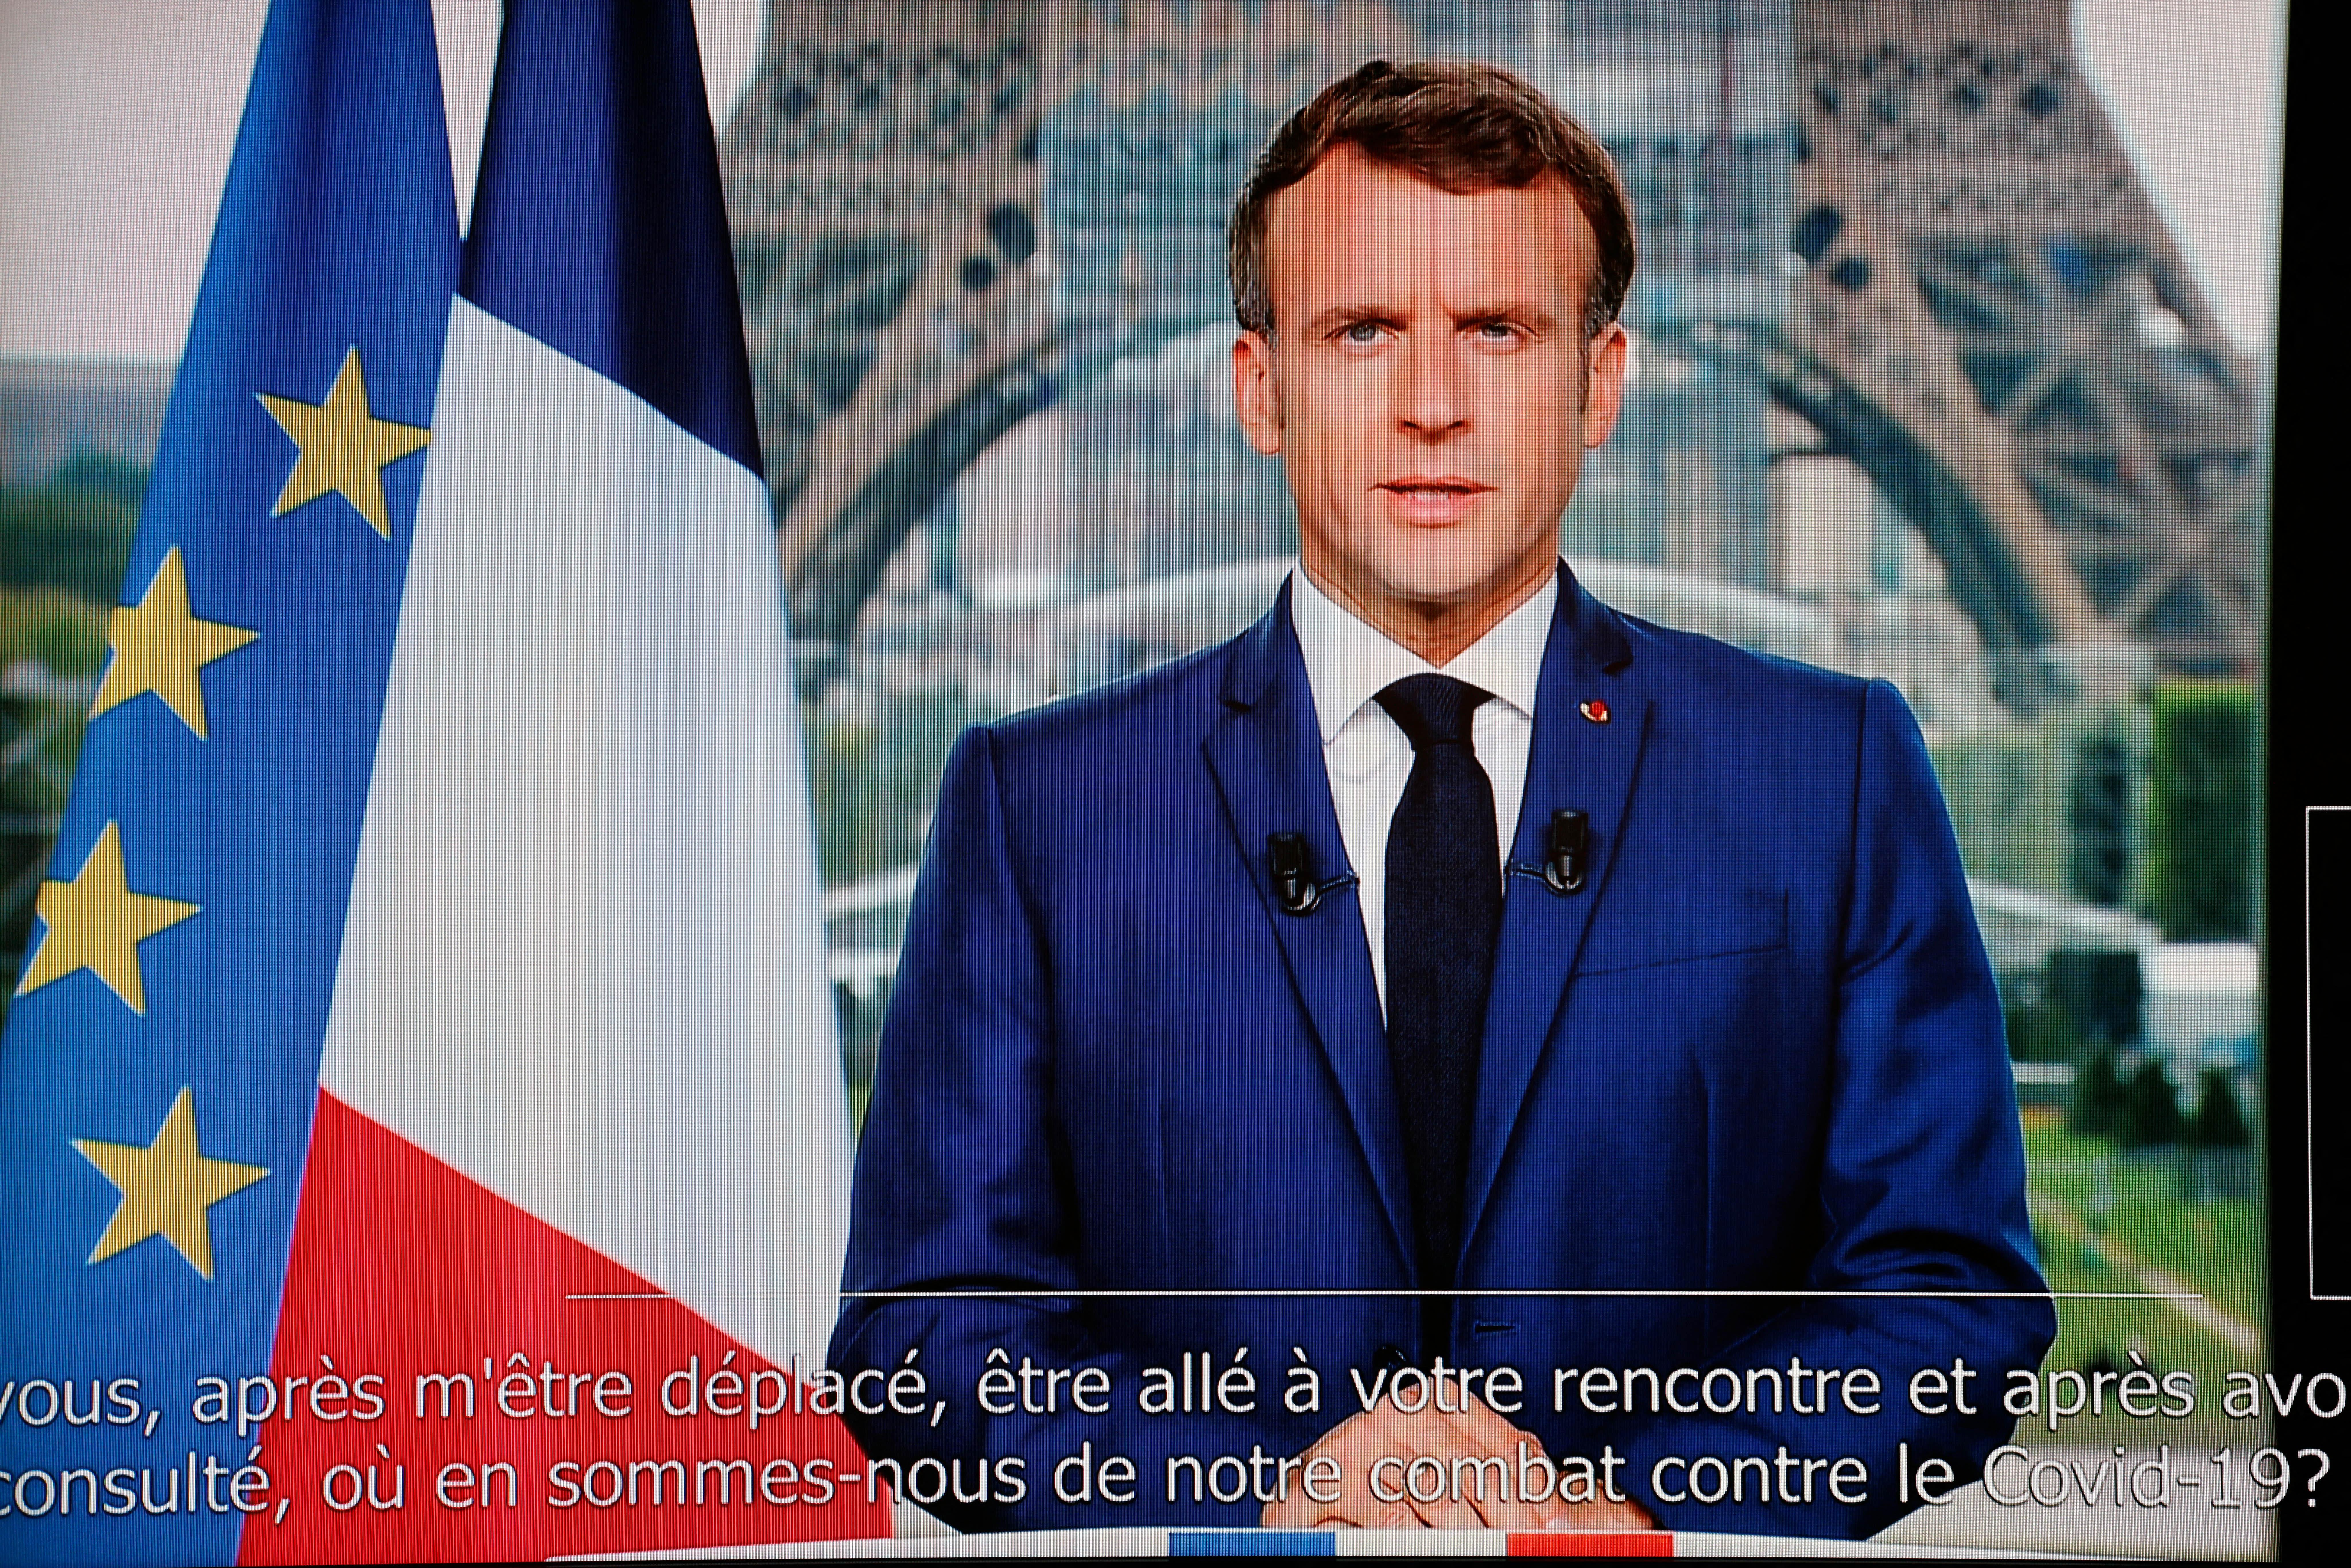 Franciaországban kötelezővé teszik az oltást az egészségügyi dolgozóknak